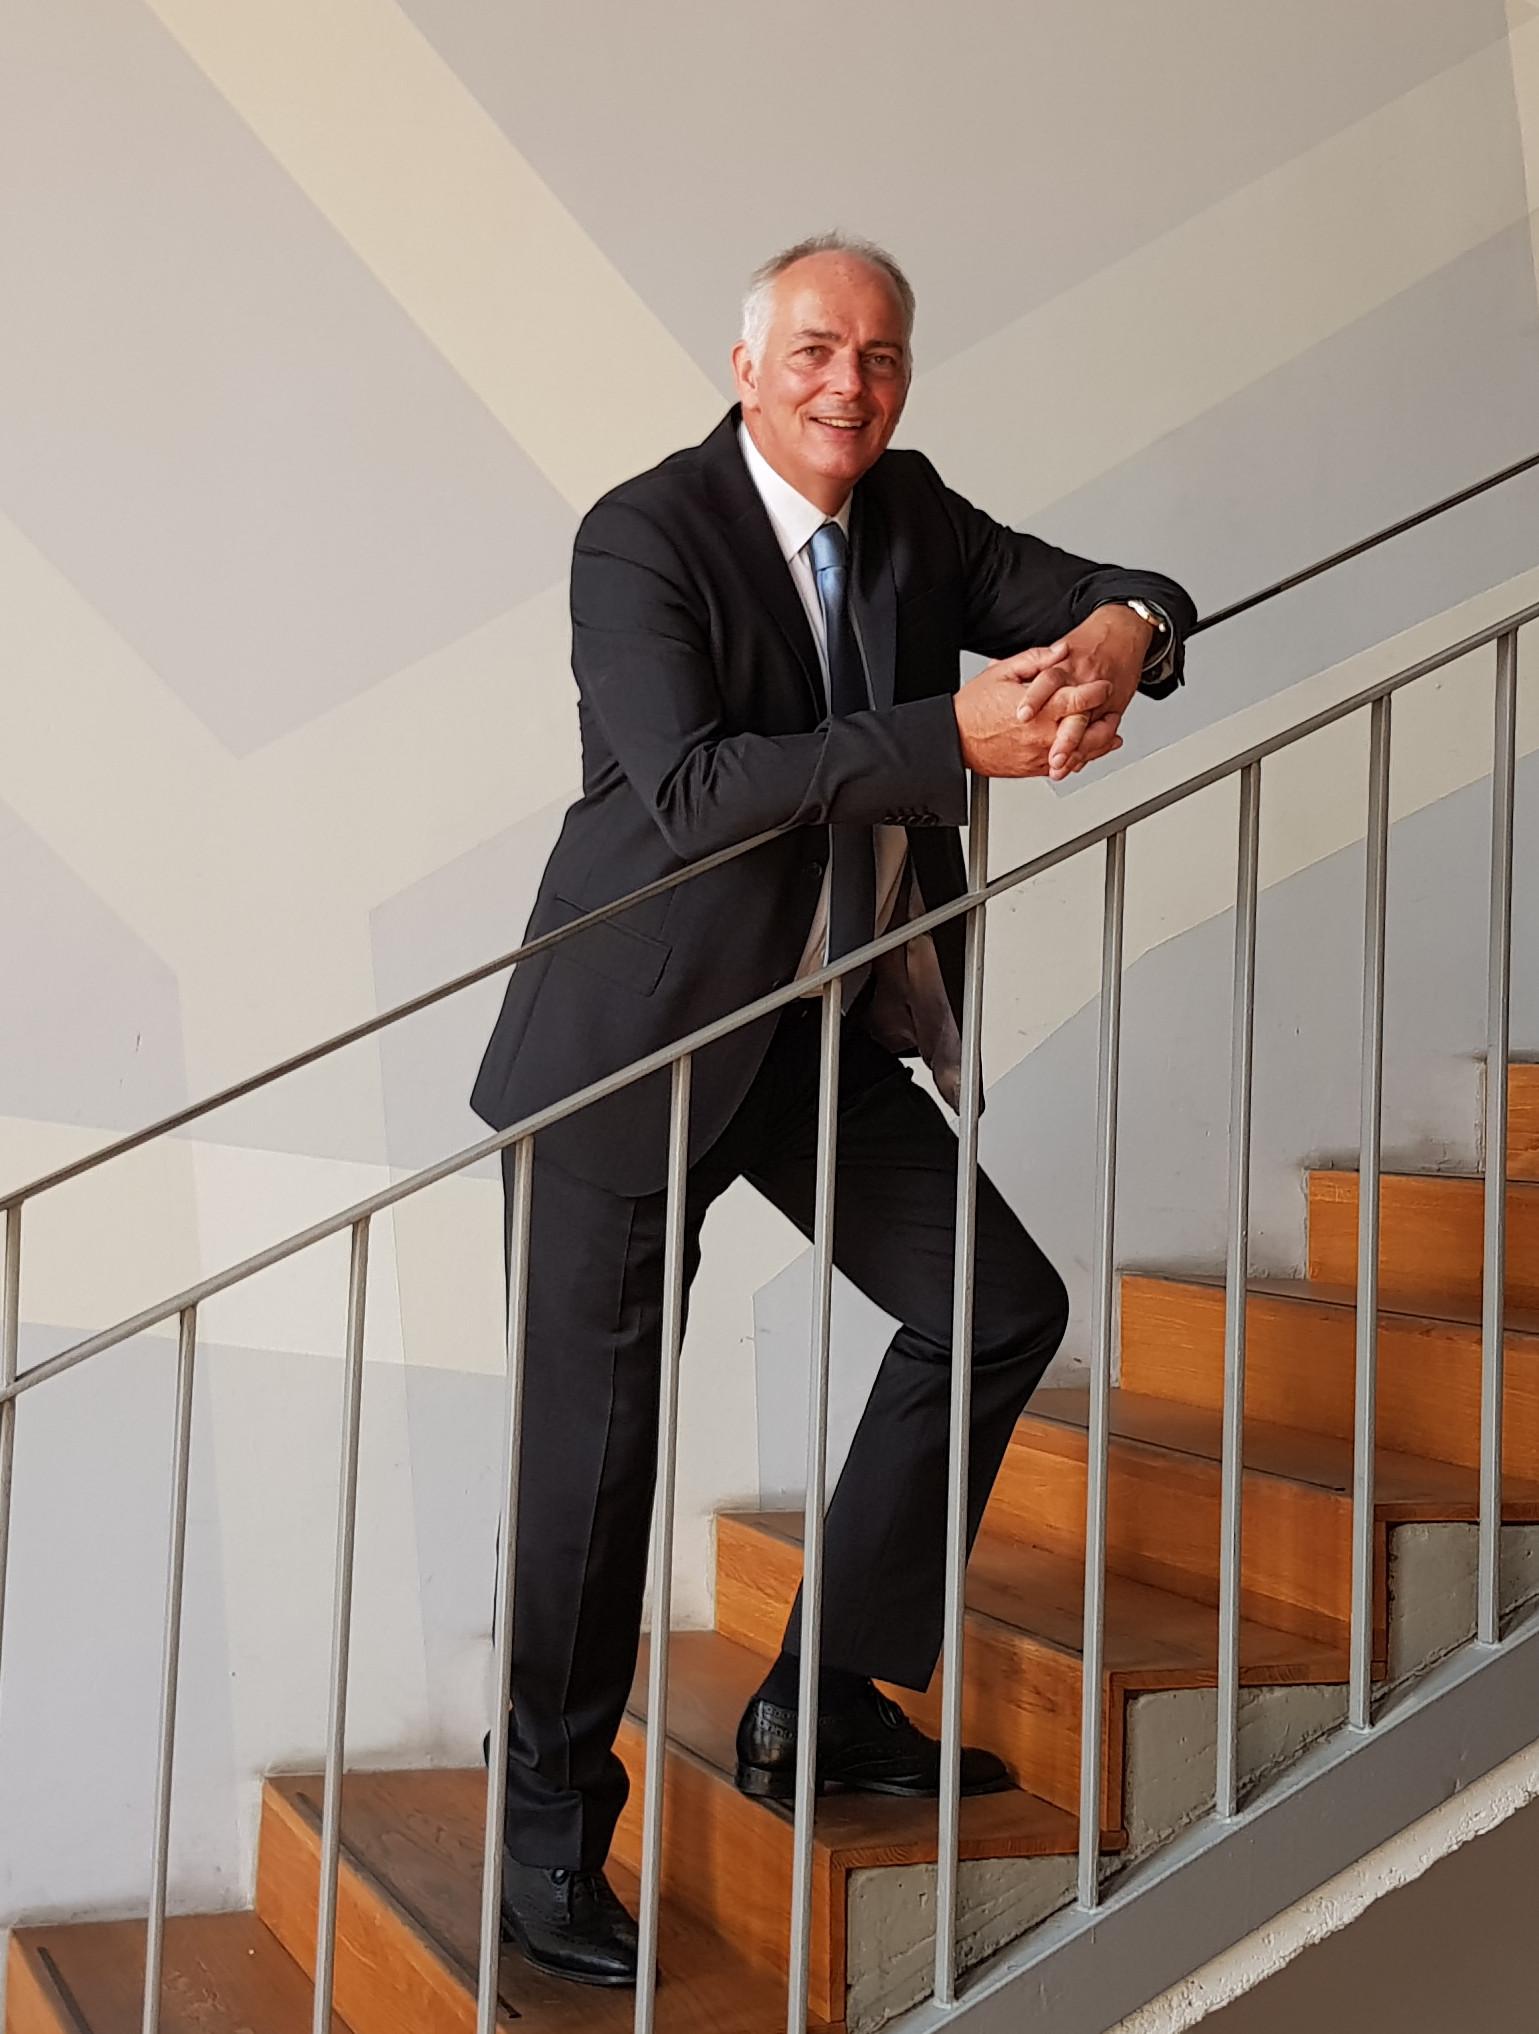 Unternehmensberater Torsten Schrimper